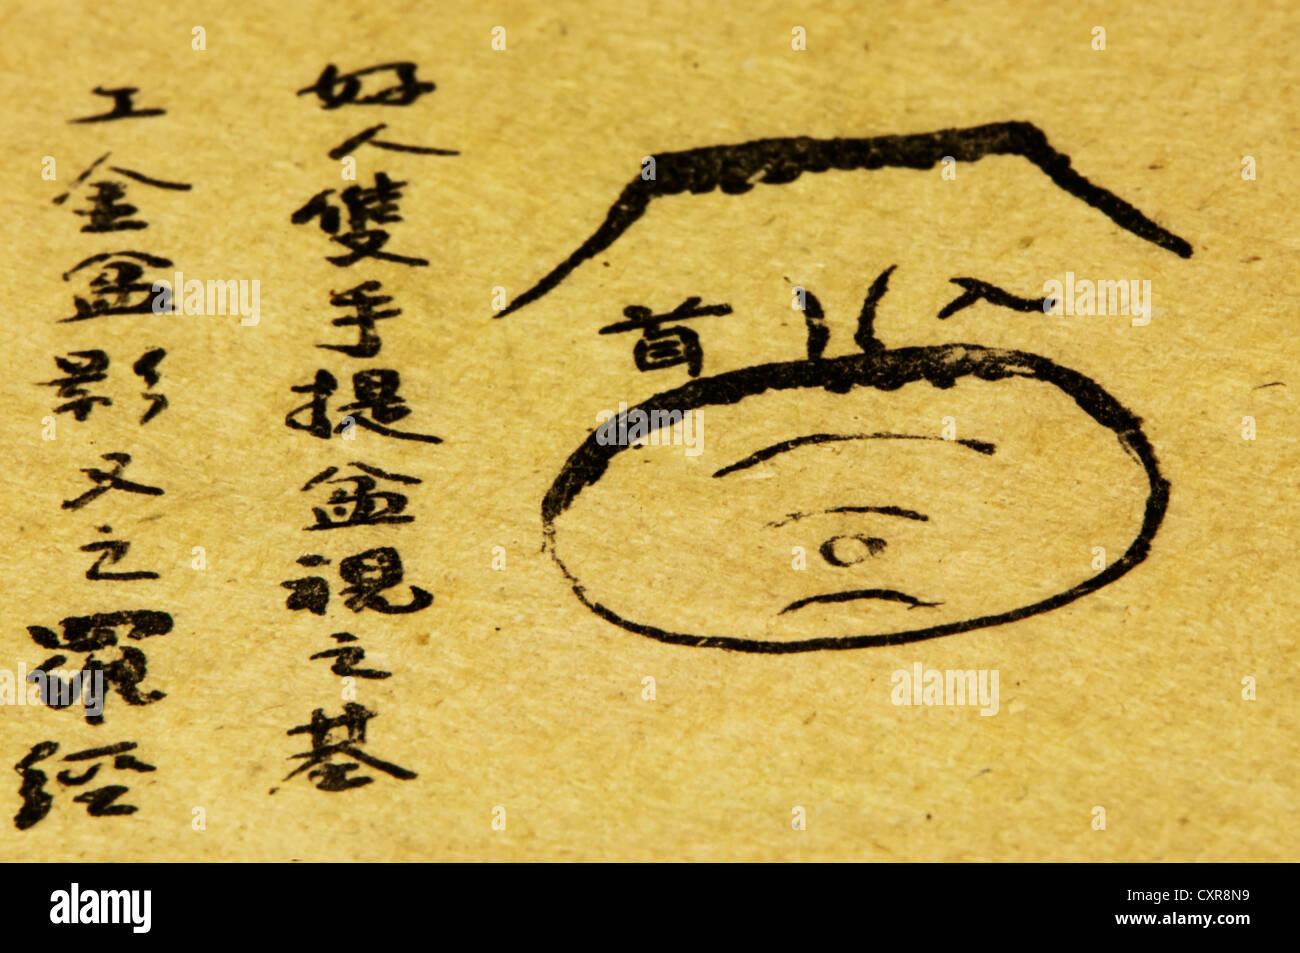 150 anni di antiquariato cinese fengshui testo Immagini Stock